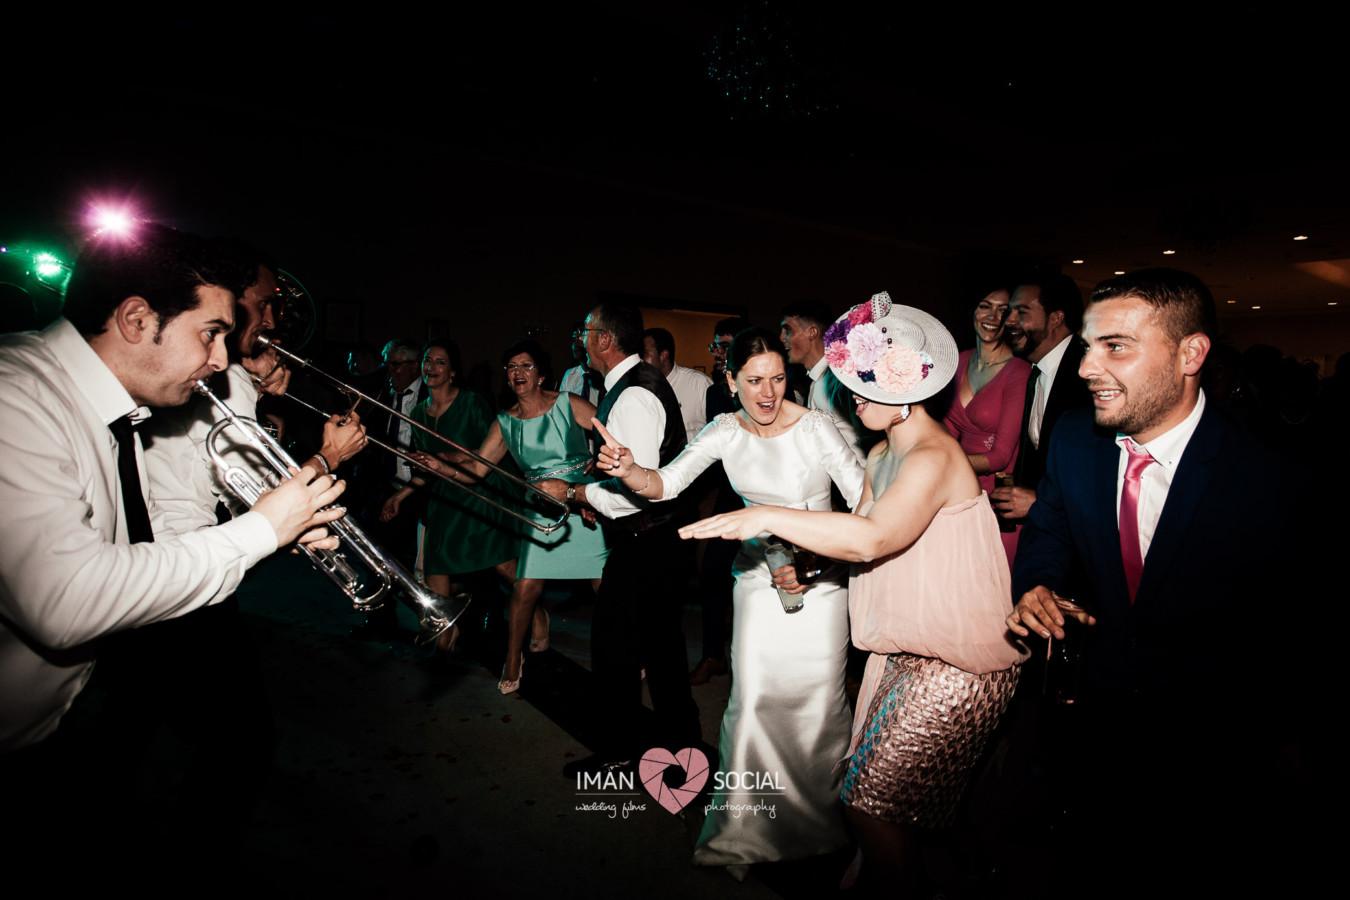 fotografo-de-boda-en-cordoba-sevilla-posadas-boda-auxi-y-antonio-47 Auxi & Antonio, primera boda de la temporada - video boda cordoba